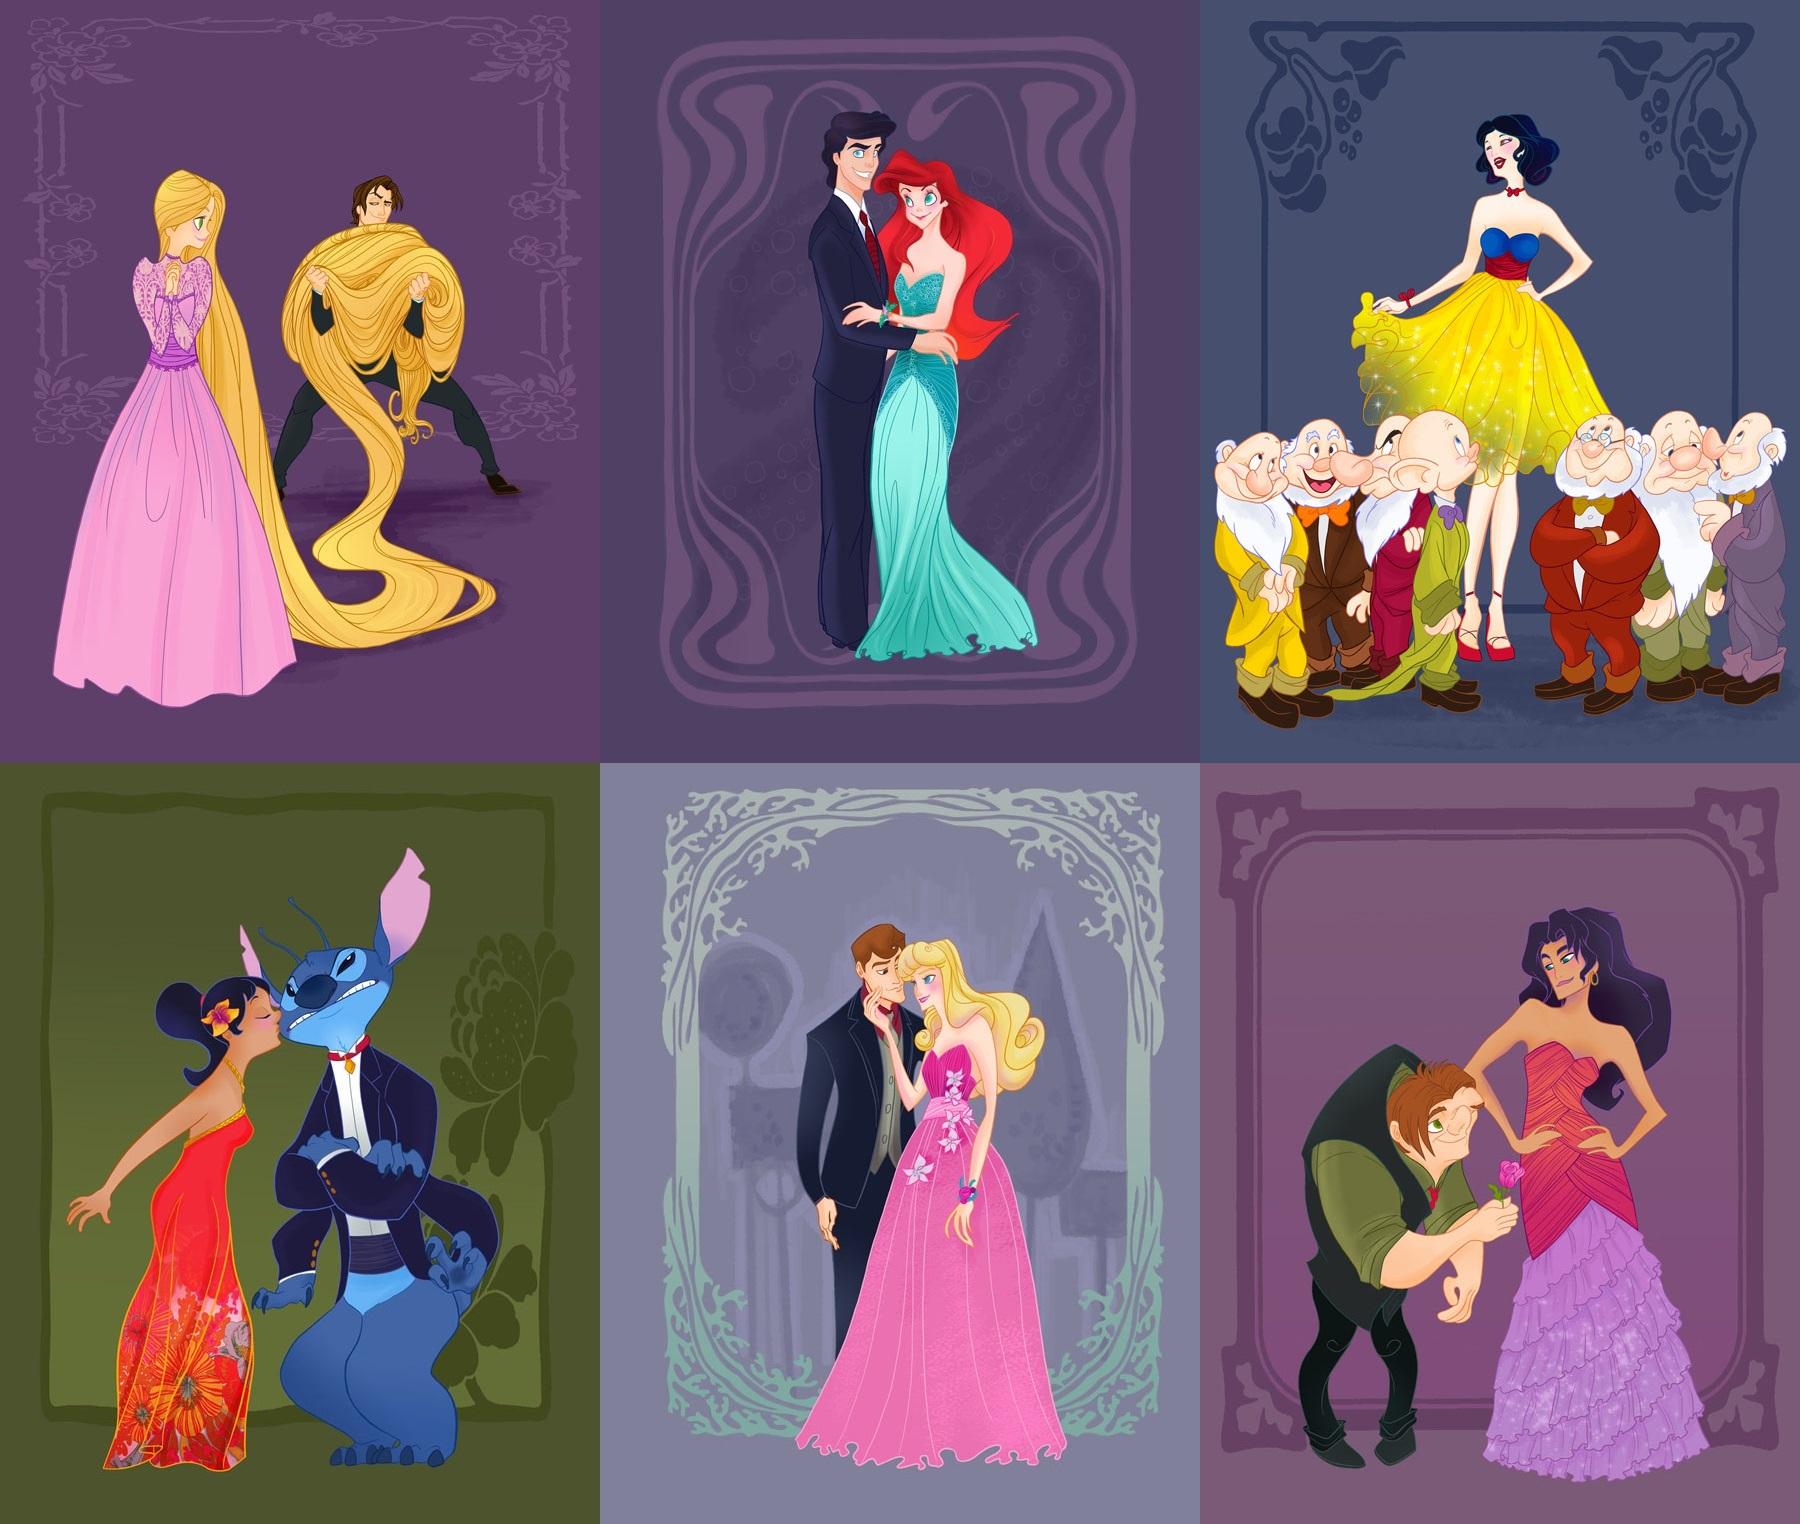 imagens para colorir de casamentos de princesas